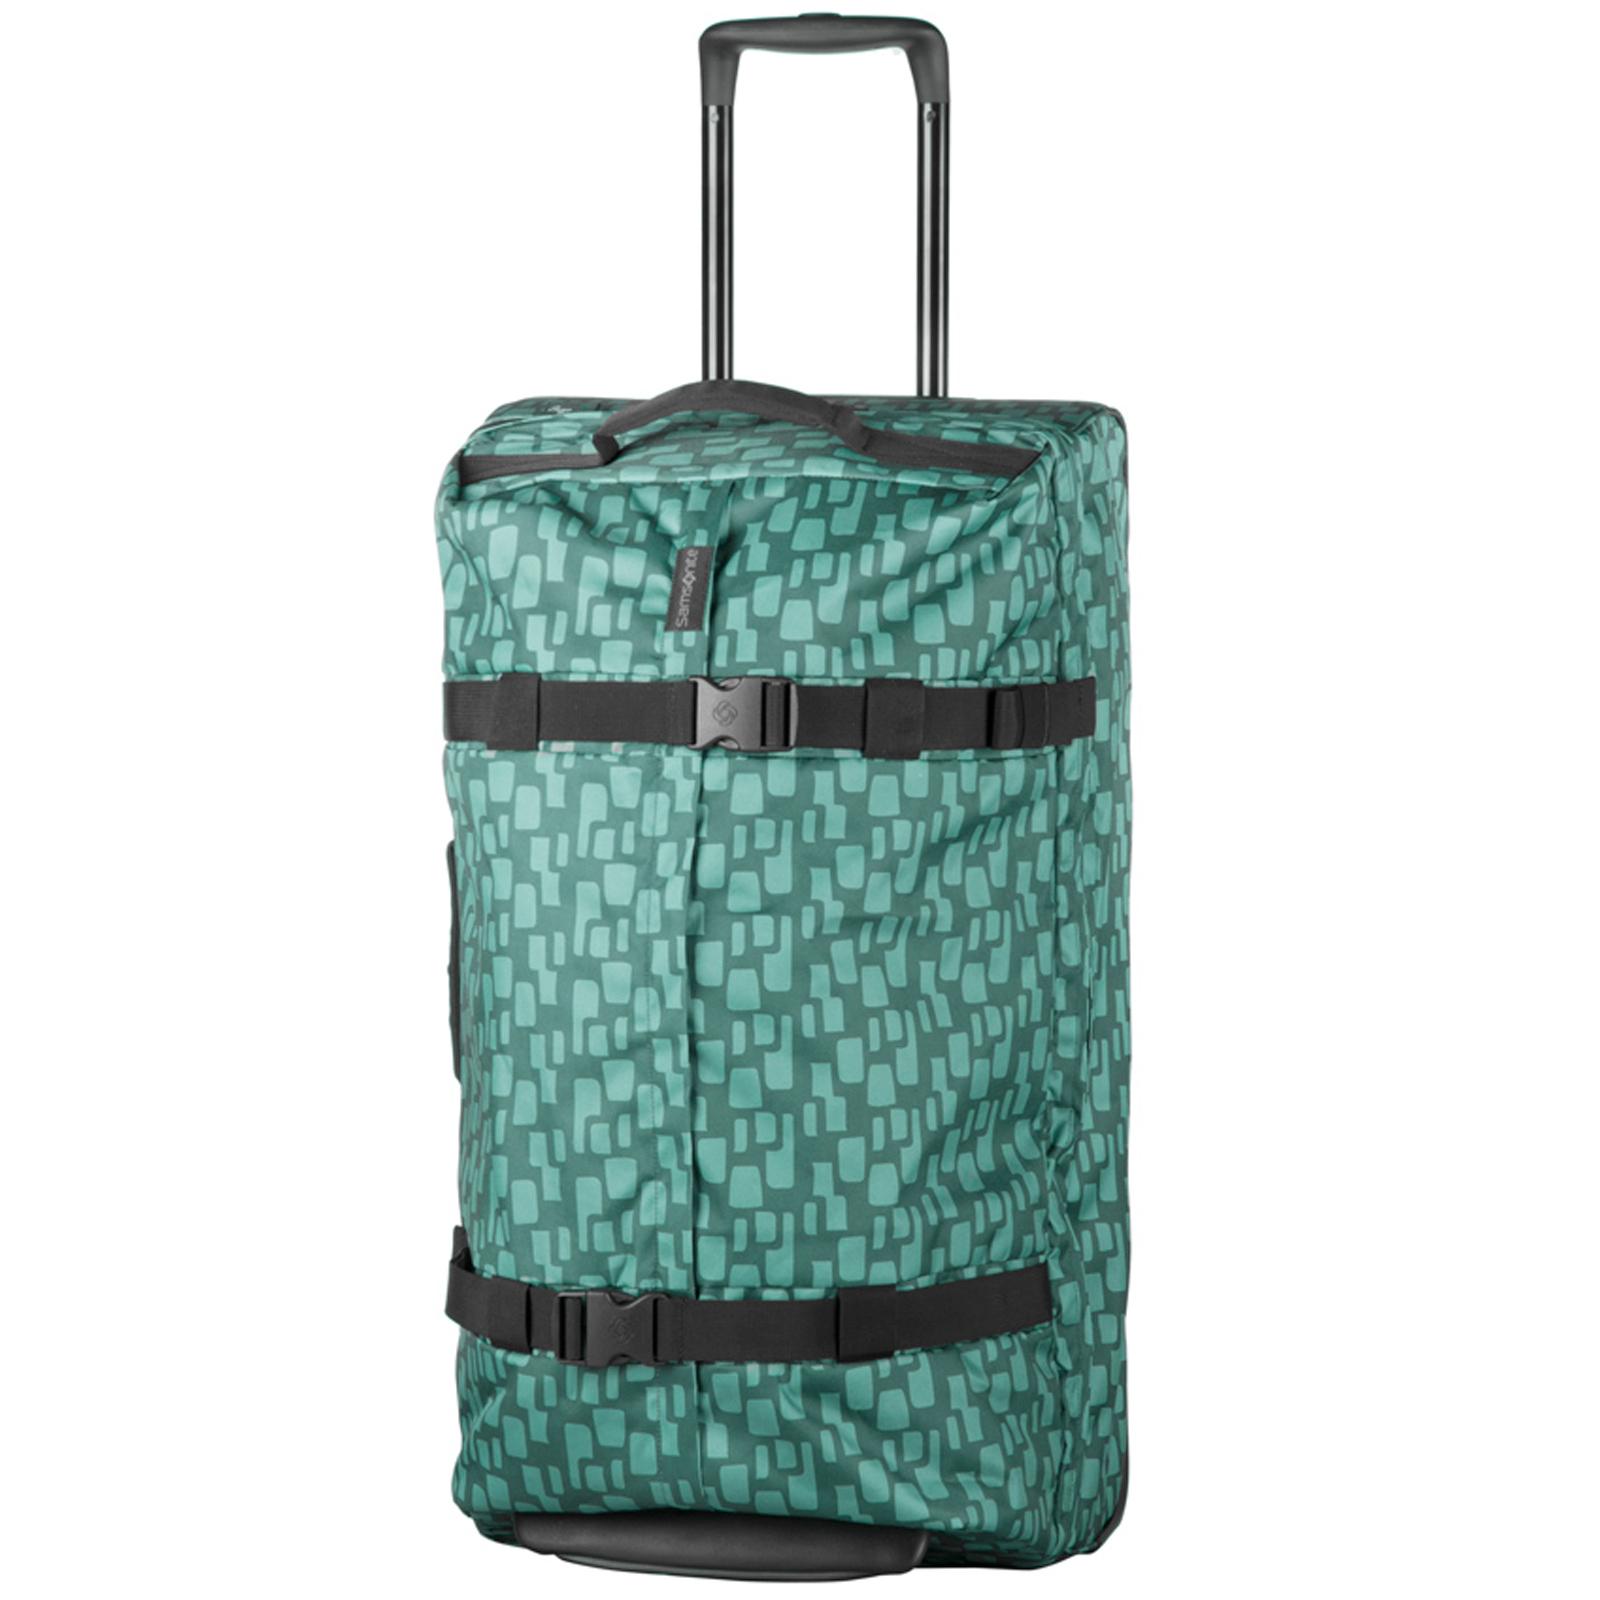 samsonite metatrack 85 cm reisetasche auf rollen trolley138 liter ment green neu ebay. Black Bedroom Furniture Sets. Home Design Ideas